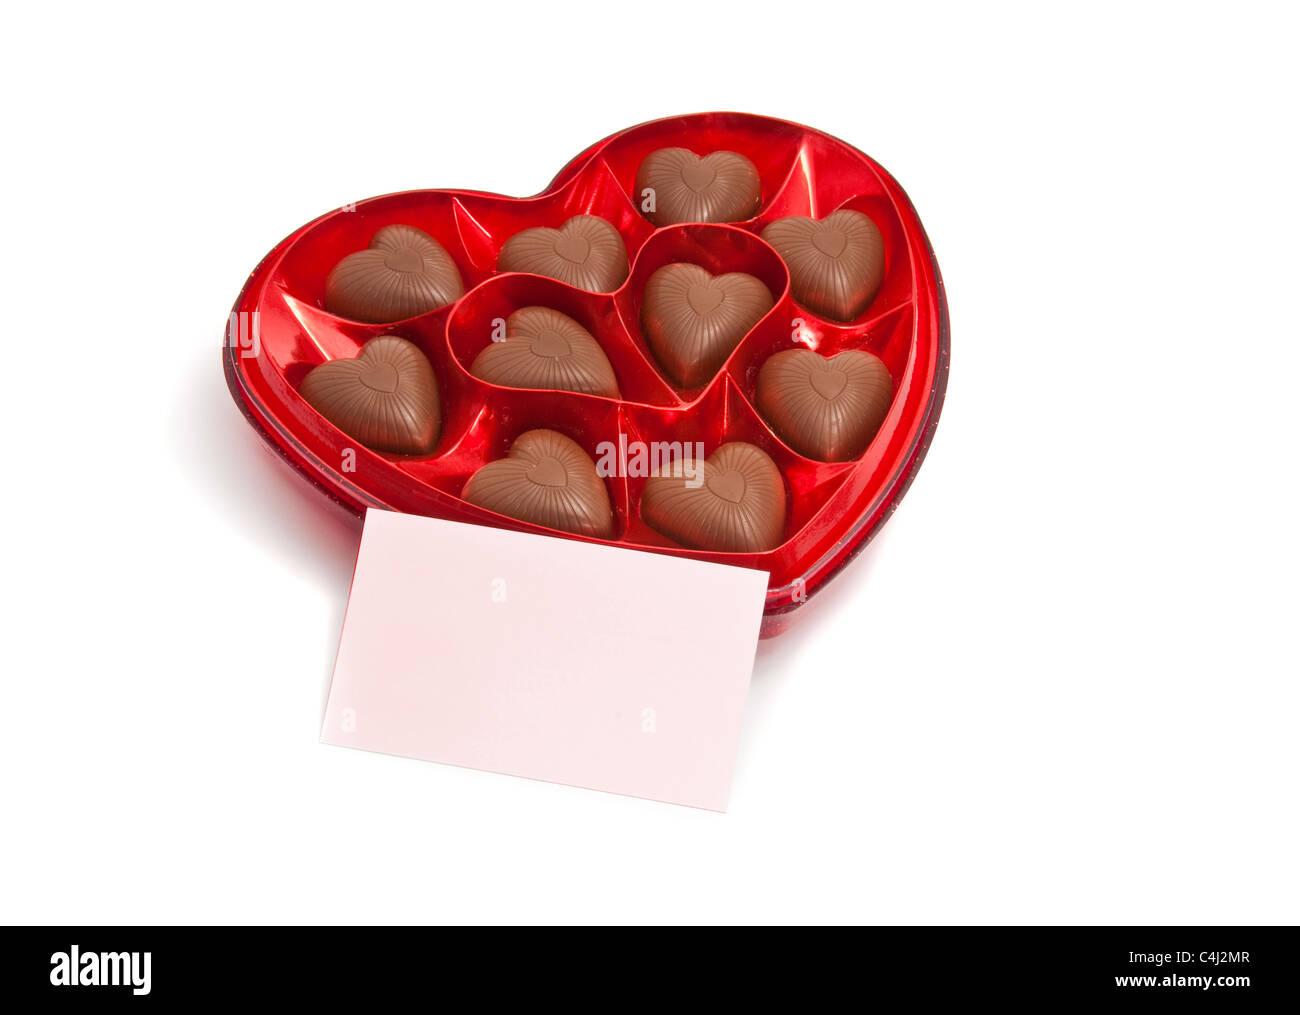 Schokoladenherz Form auf weißem Hintergrund mit Textkarte Stockbild